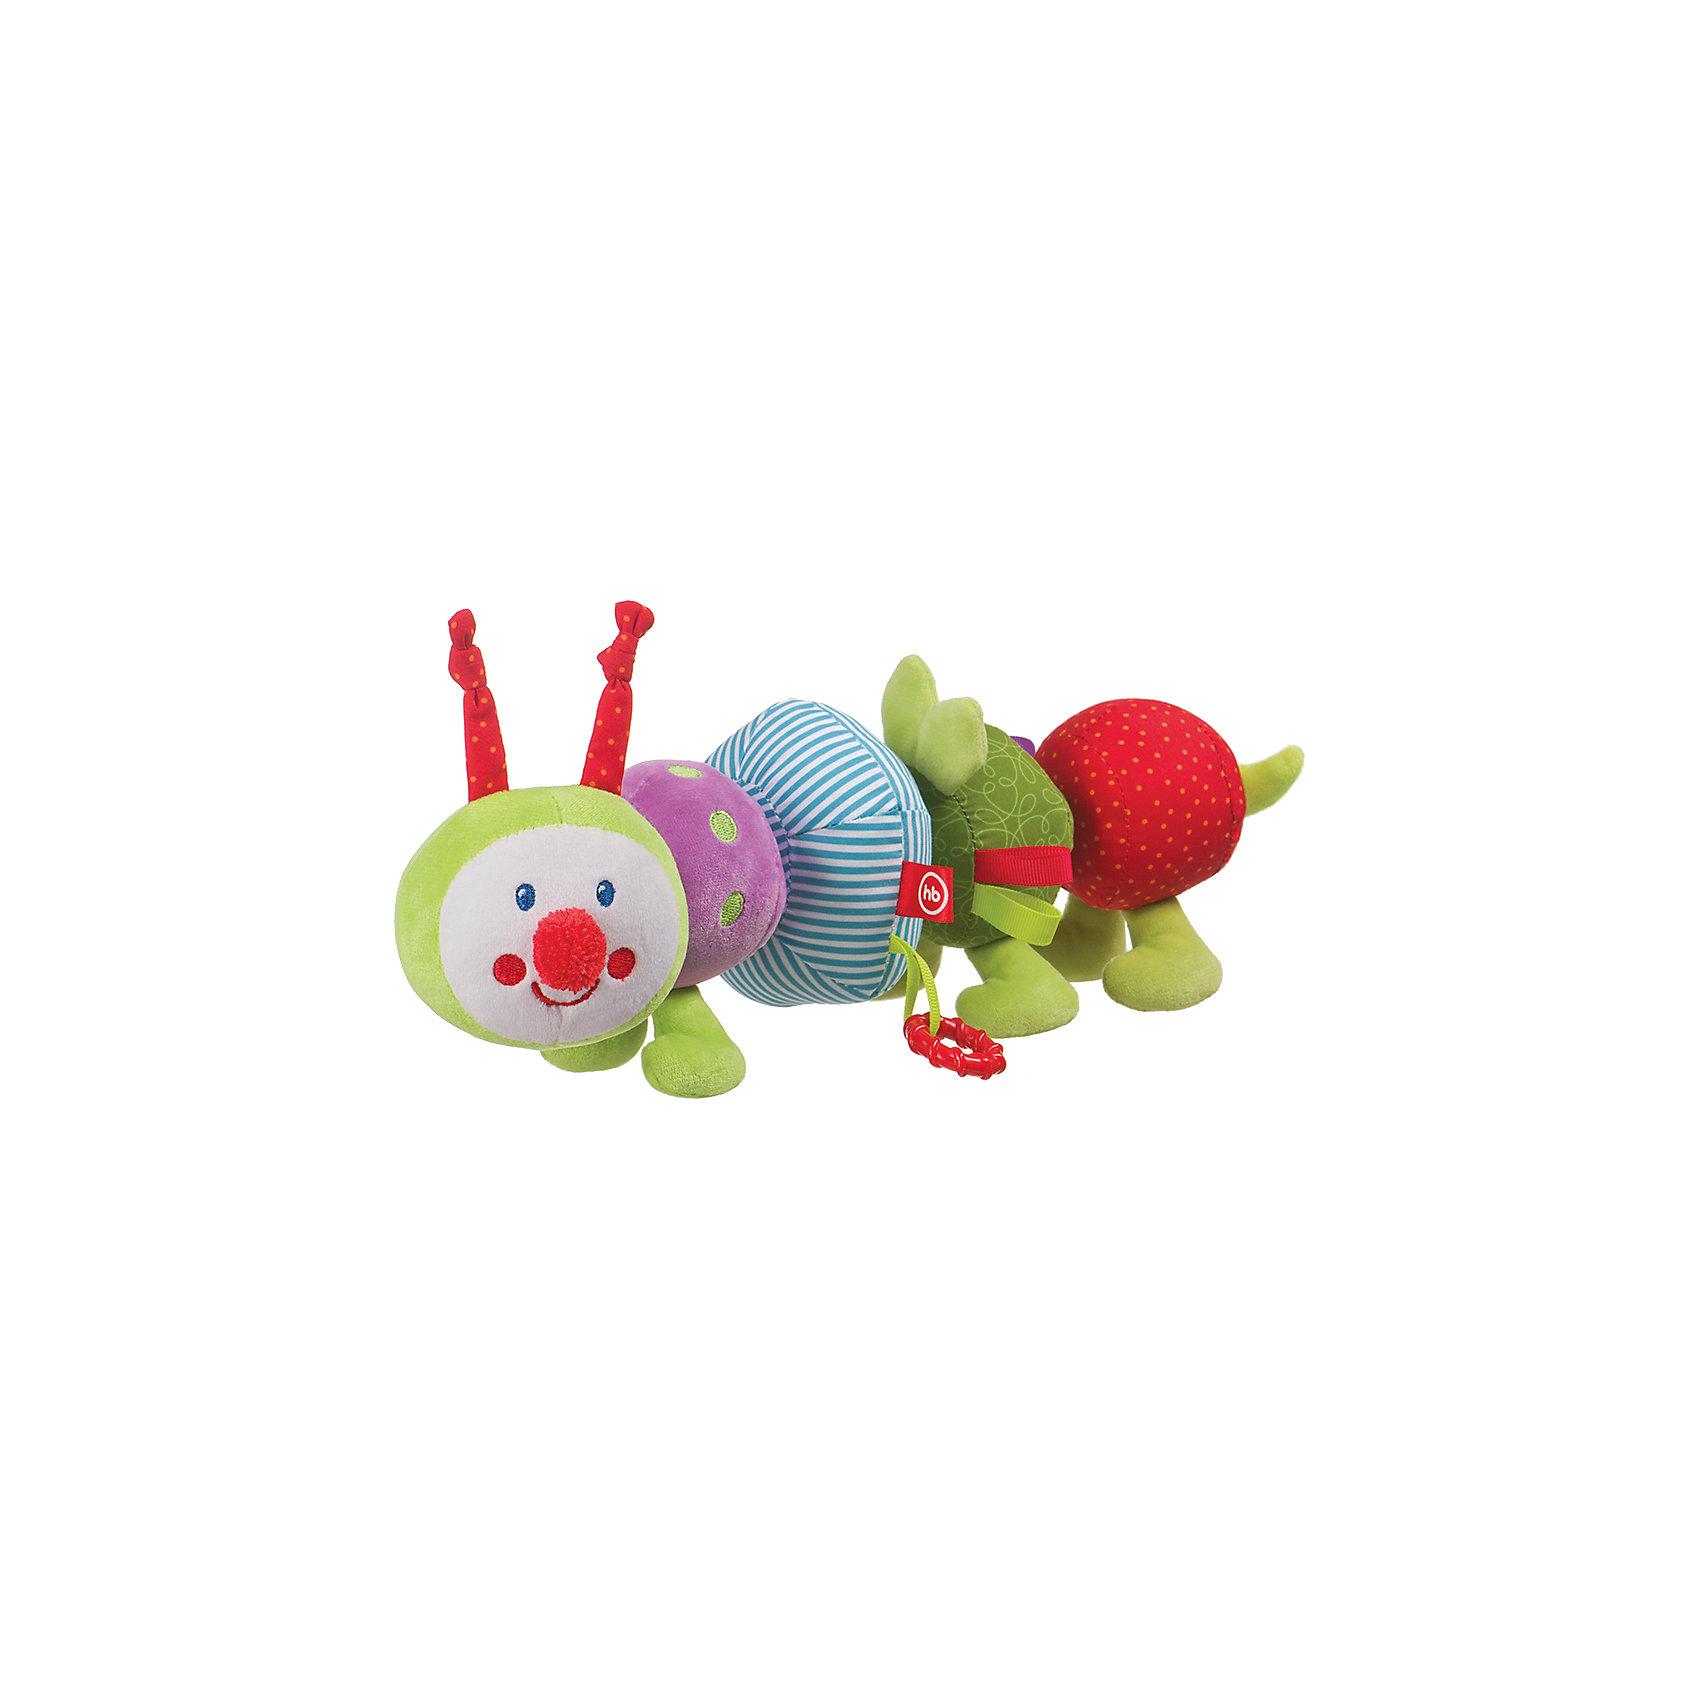 Развивающая игрушка  Iq-Caterpillar, Happy BabyРазвивающие игрушки<br>Характеристики:<br><br>• Вид игр: развивающие, обучающие<br>• Материал: полиэстер, хлопок, полимерный материал<br>• Тип крепления: петельки<br>• Наличие звуковых, шумовых эффектов<br>• Собирается по типу конструктора<br>• Вес: 186 г<br>• Параметры (Д*Ш*В): 8,4*8,4*27,8 см <br>• Особенности ухода: влажная и сухая чистка<br><br>Игрушка-погремушка Chatty Caterpillar, Happy Baby выполнена в виде забавной гусенички, которая состоит из отдельных элементов. Каждая часть гусеницы крепится к другой с помощью липучки, благодаря этому игрушку можно собирать используя разную последовательность и комбинации. Кроме того, элементы выполнены в разном цвете, фактуре и с различными звуковыми эффектами. Игры с такой   игрушкой будут способствовать зрительному и слуховому восприятию, координации движений, будут развивать мелкую моторику рук и эмоциональную сферу ребенка.   <br><br>Игрушку-погремушку Chatty Caterpillar, Happy Baby можно купить в нашем интернет-магазине.<br><br>Ширина мм: 84<br>Глубина мм: 84<br>Высота мм: 278<br>Вес г: 186<br>Возраст от месяцев: 3<br>Возраст до месяцев: 18<br>Пол: Унисекс<br>Возраст: Детский<br>SKU: 5621701